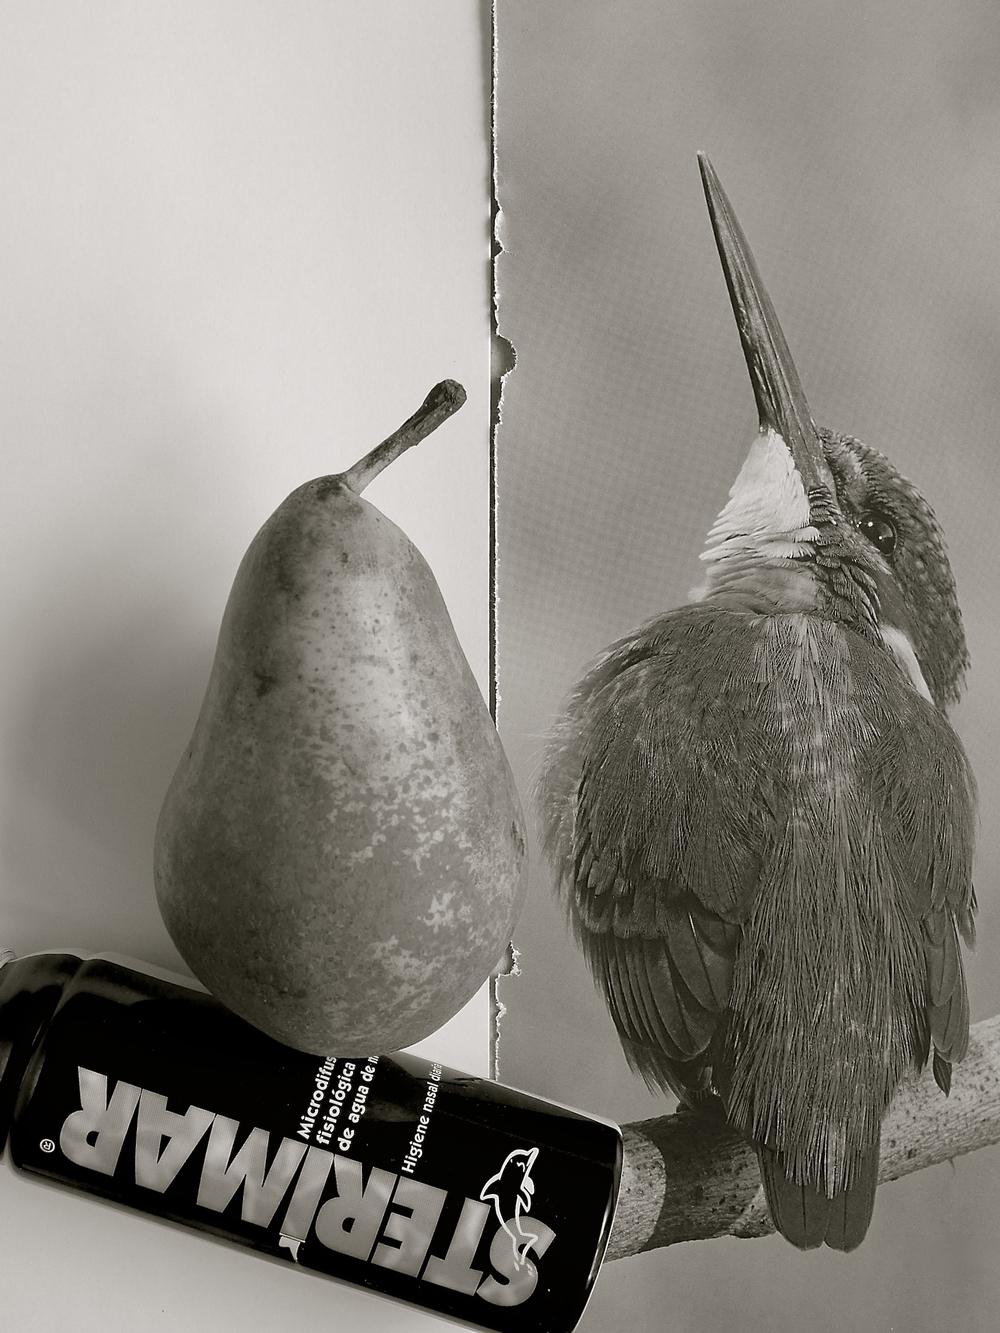 La pera y el martín - 1